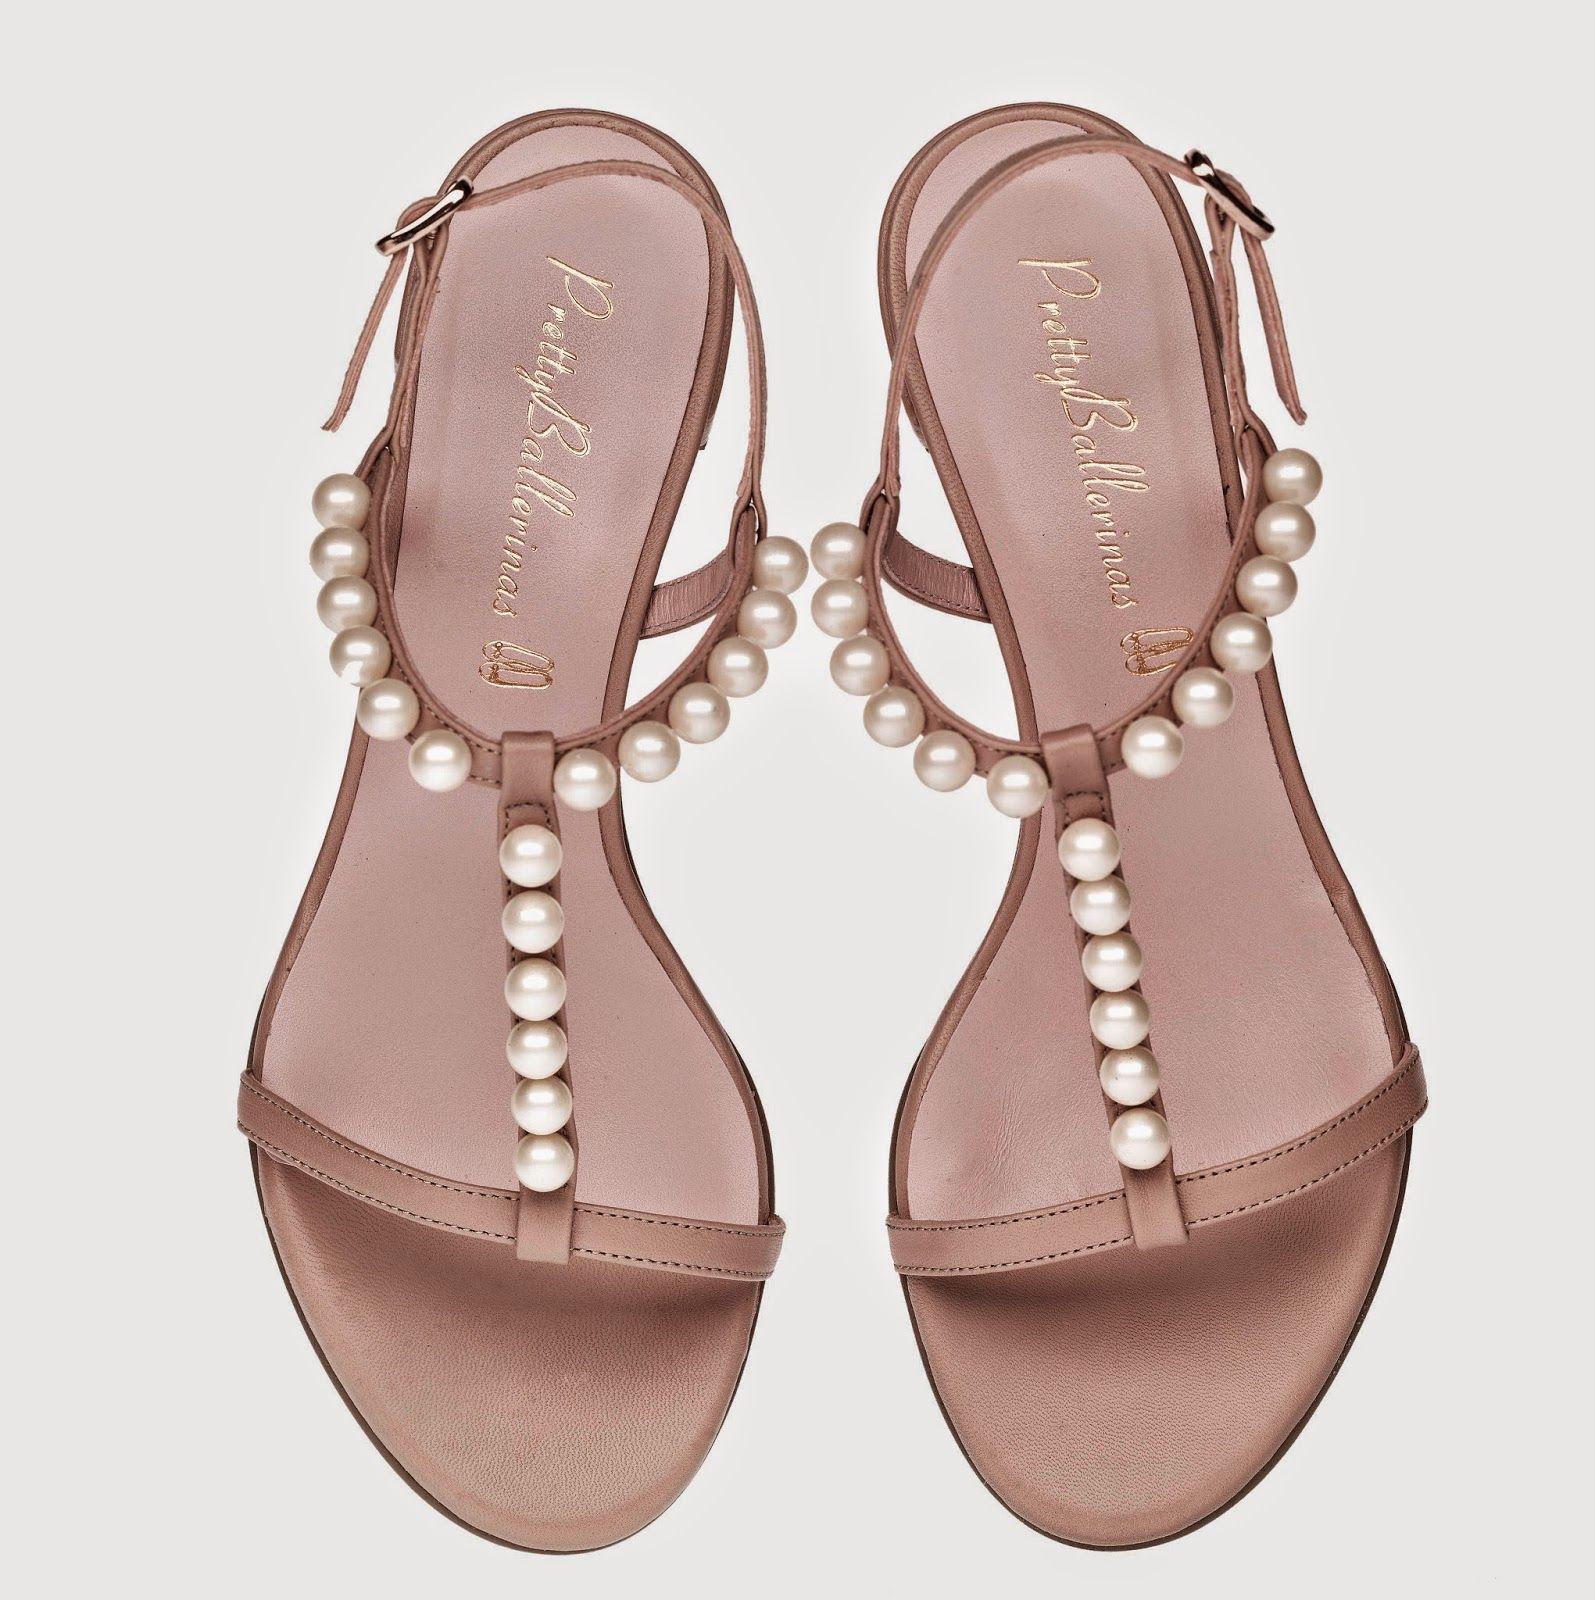 Modelo Faith color nude de cuero y perlas de Pretty Ballerinas para novia